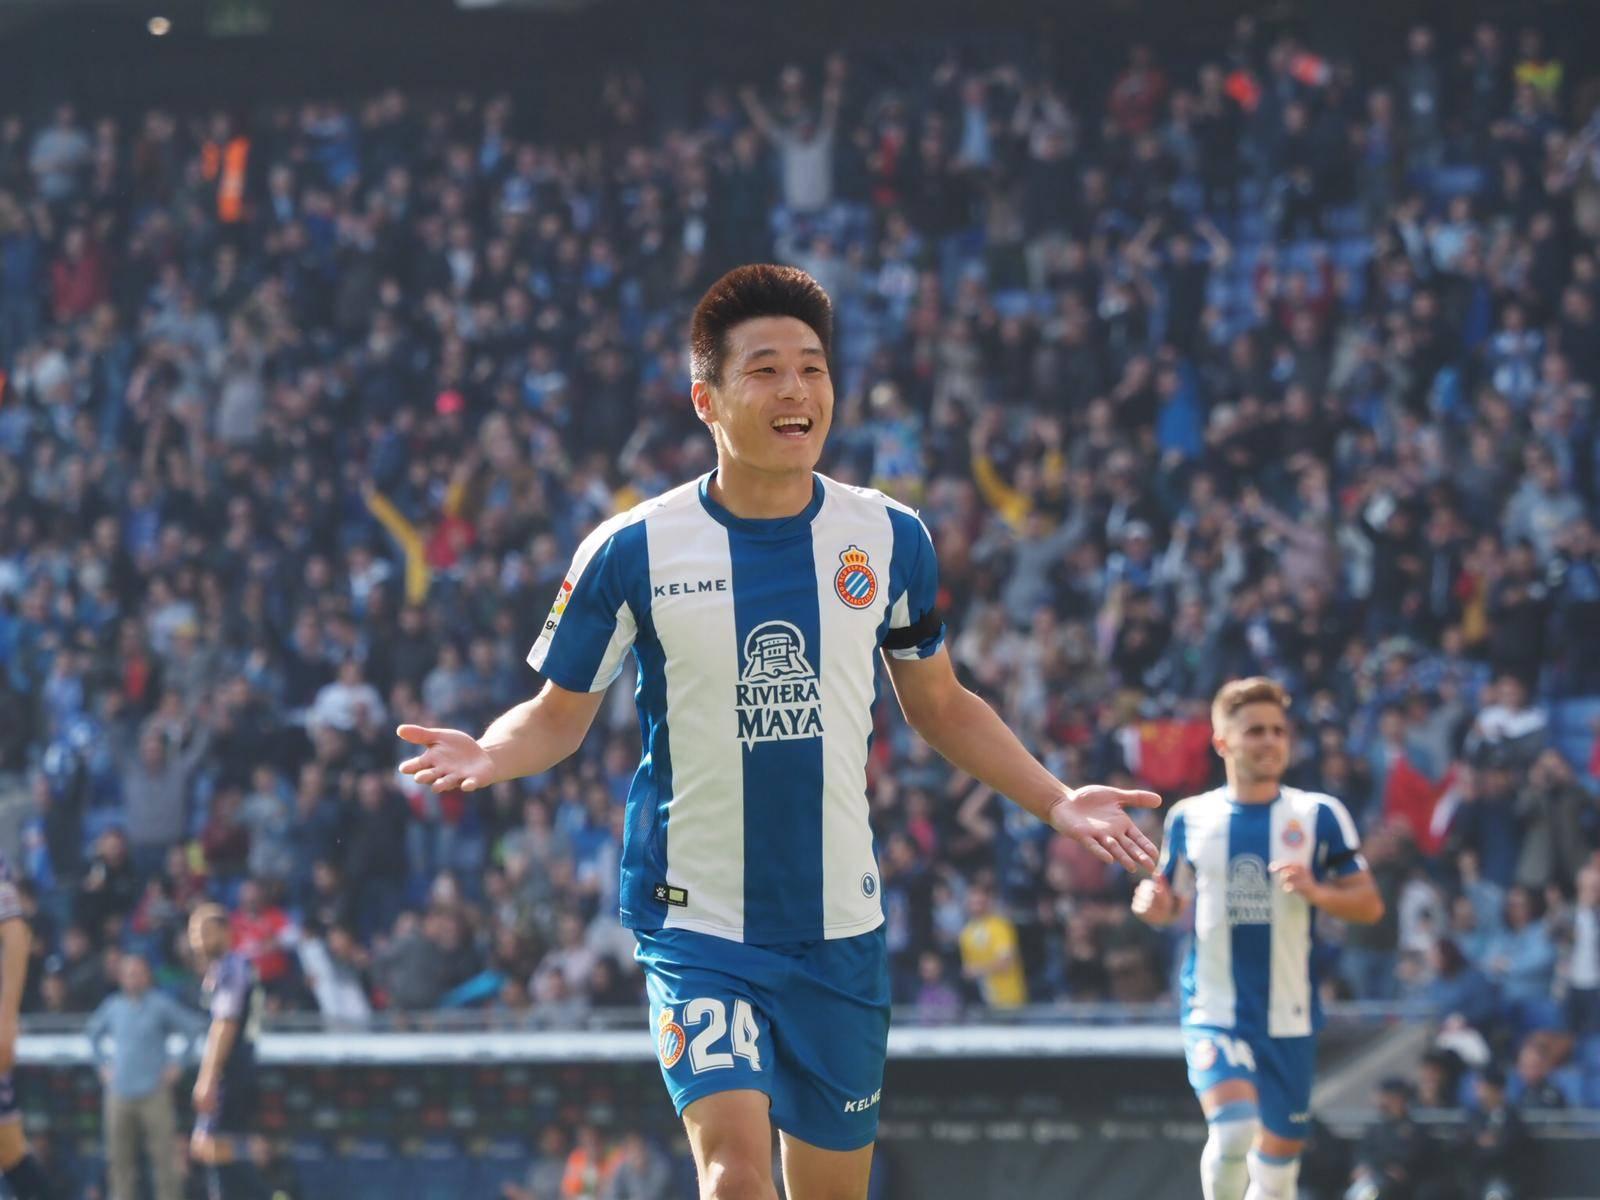 8 ดาวเตะเอเชีย ฟอร์มเด่นบนเวทีฟุตบอลยุโรป ประจำเดือน มีนาคม 2019